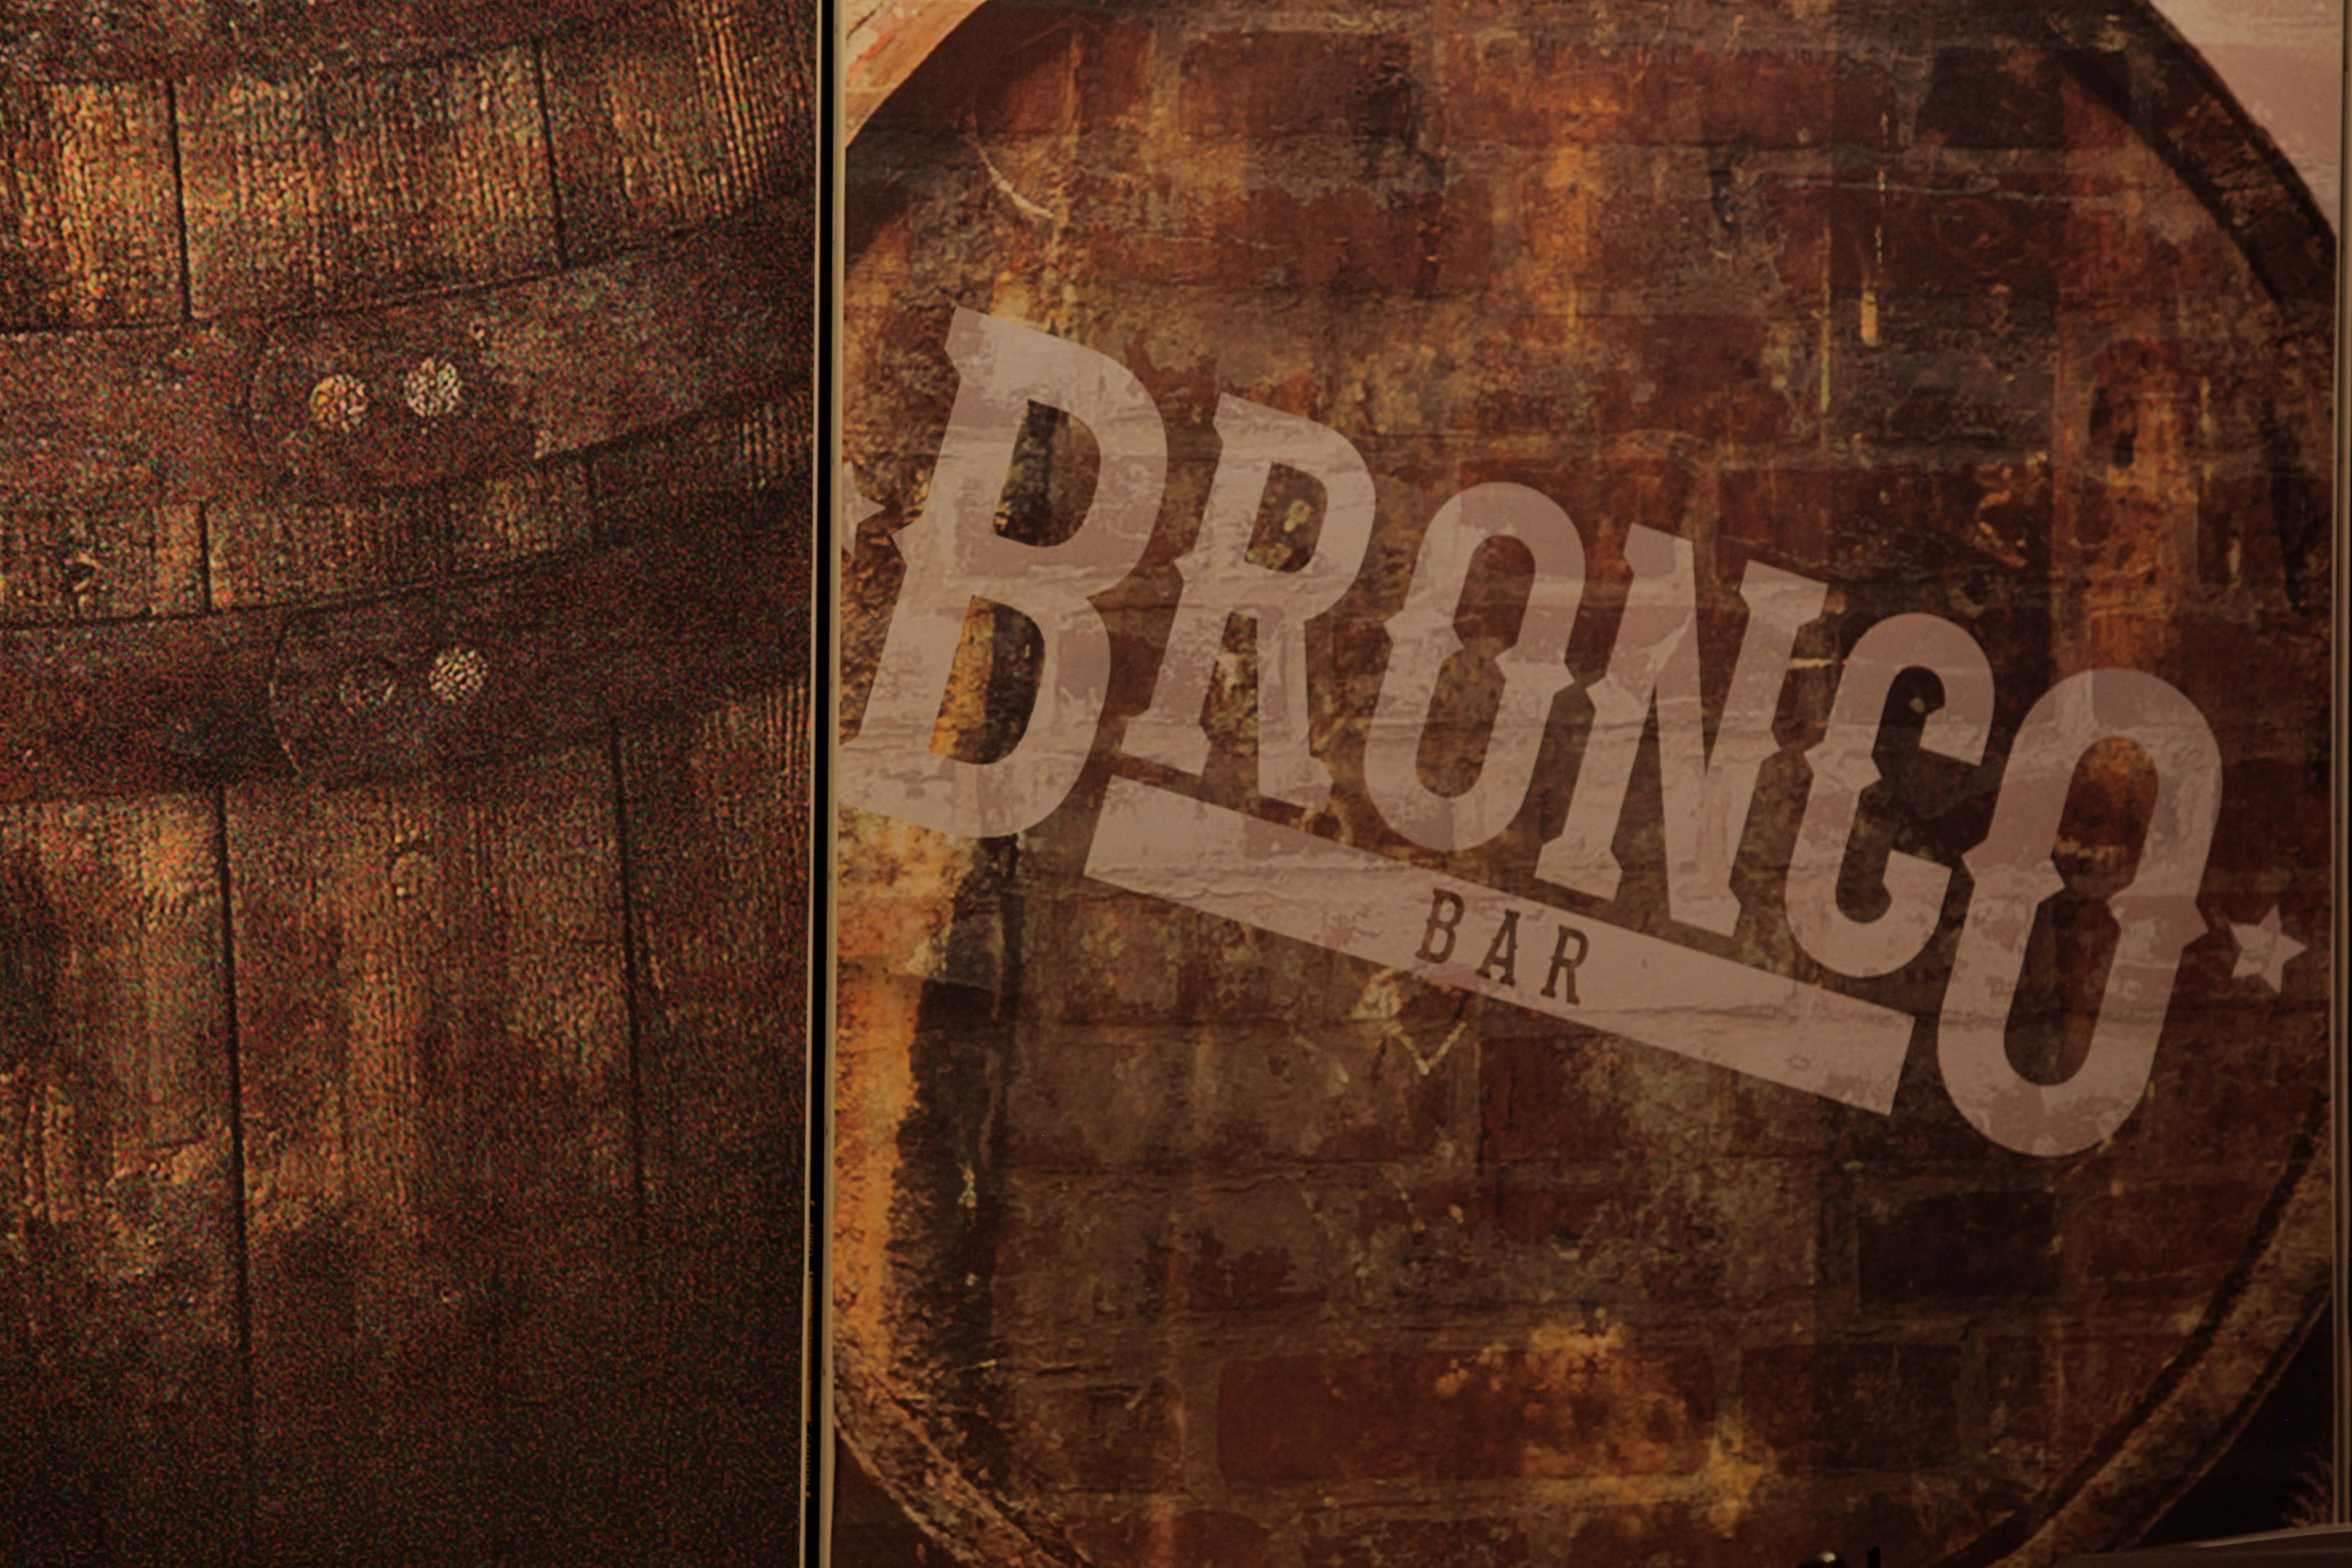 Bronco Bar logo on old wood barrels